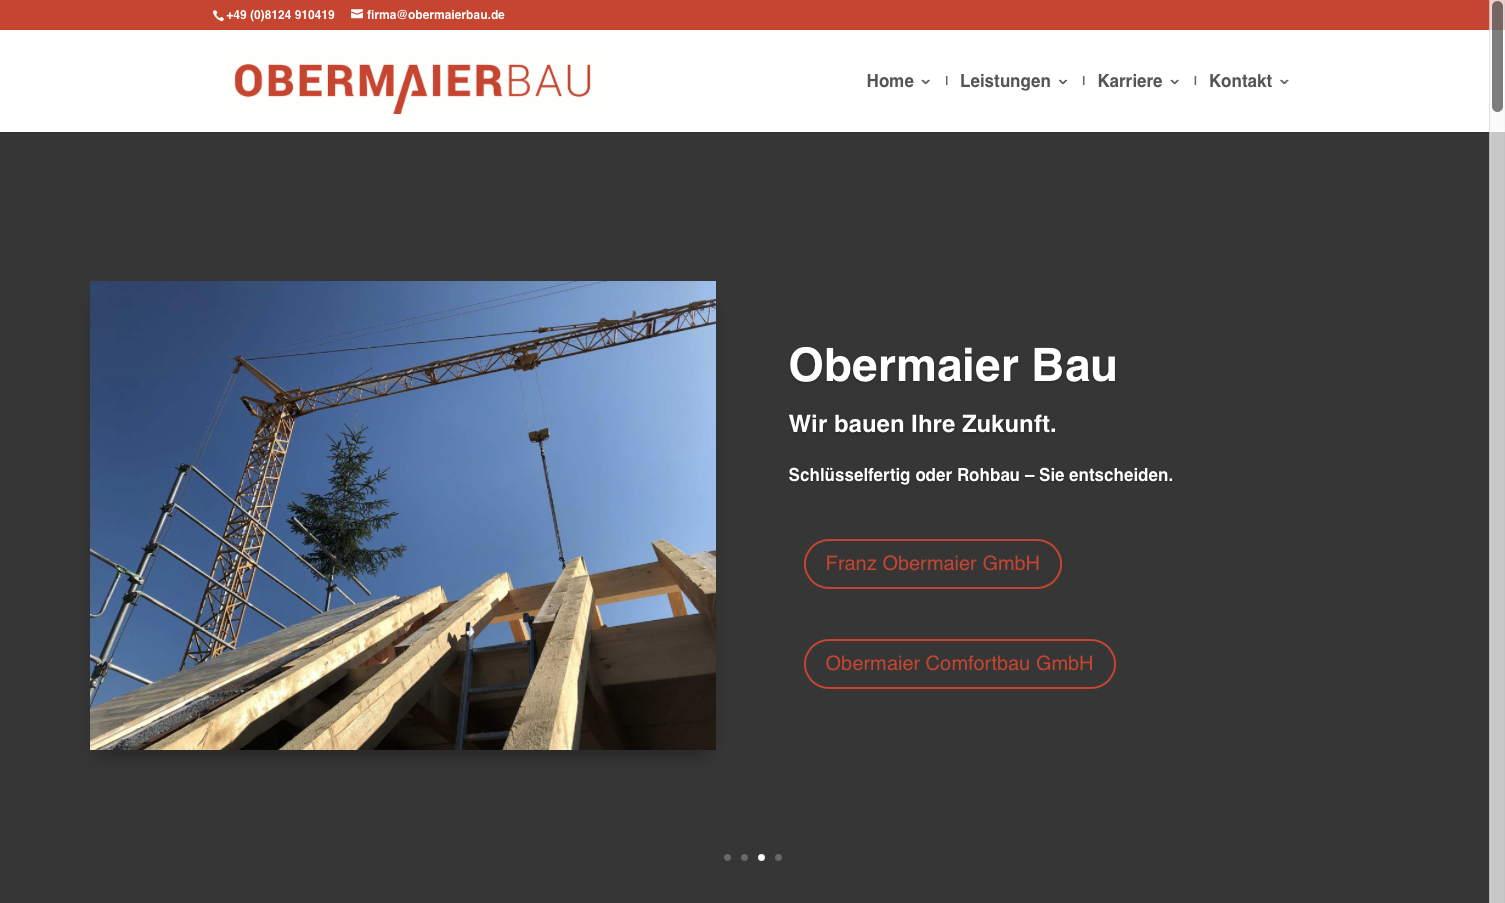 Designbeispiel Franz Obermaier